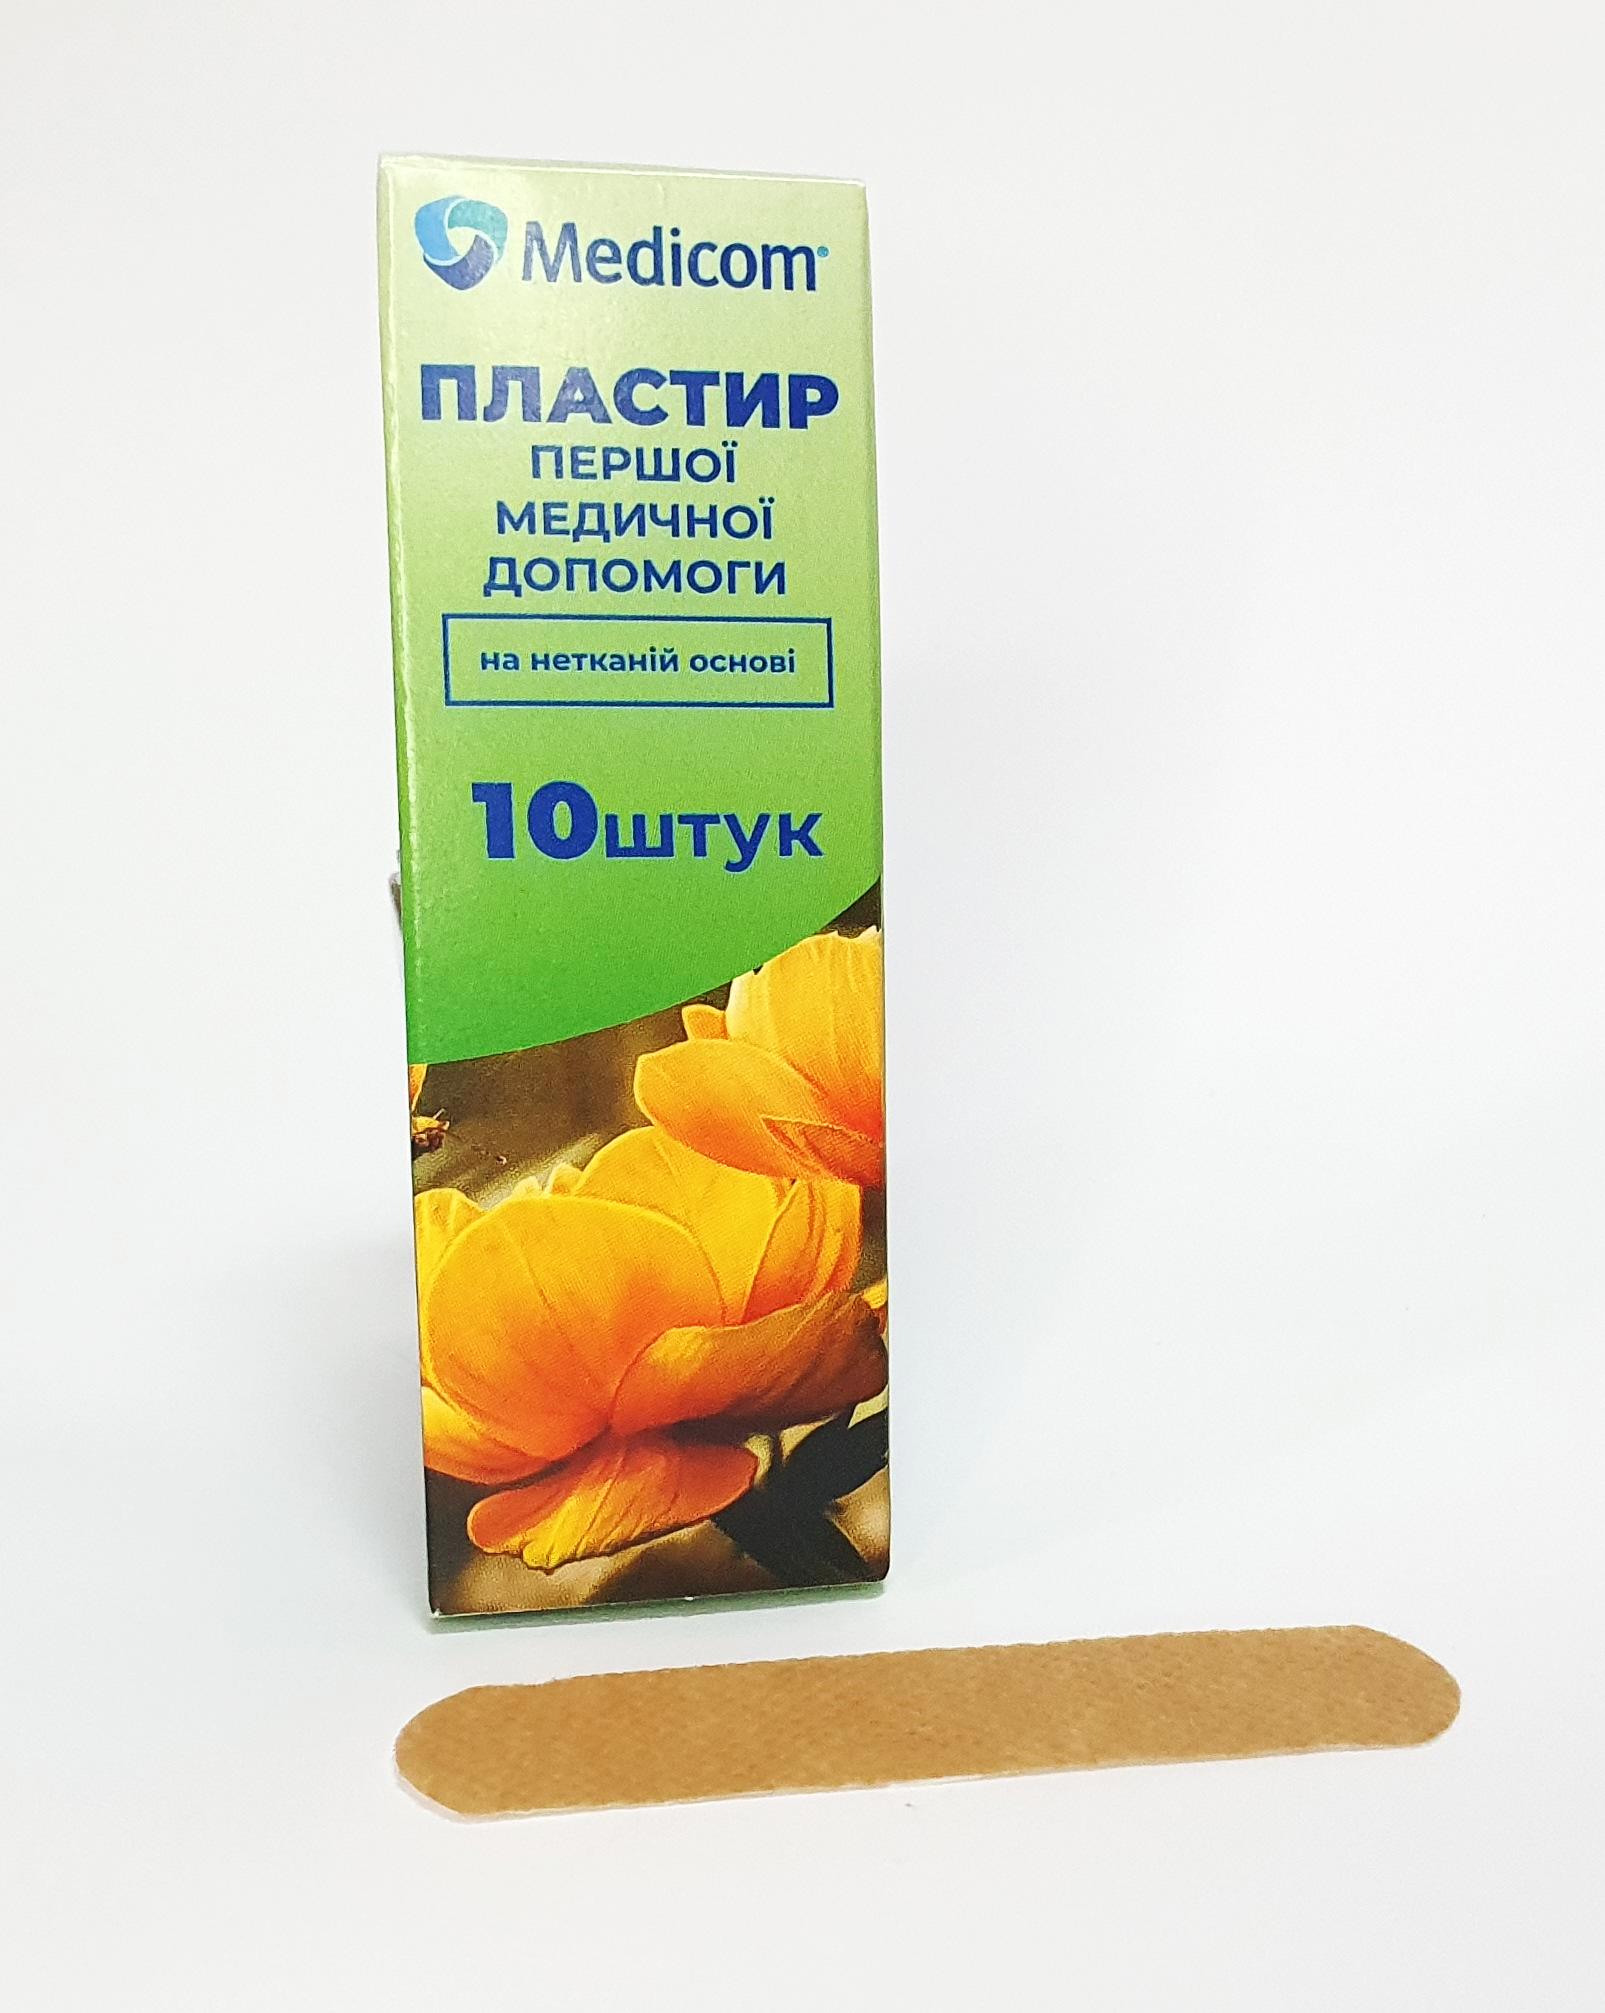 Артикул 1210mc. Пластырь первой медицинской помощи MEDICOM®, 10 пластырей на нетканой основе, 19мм*72мм